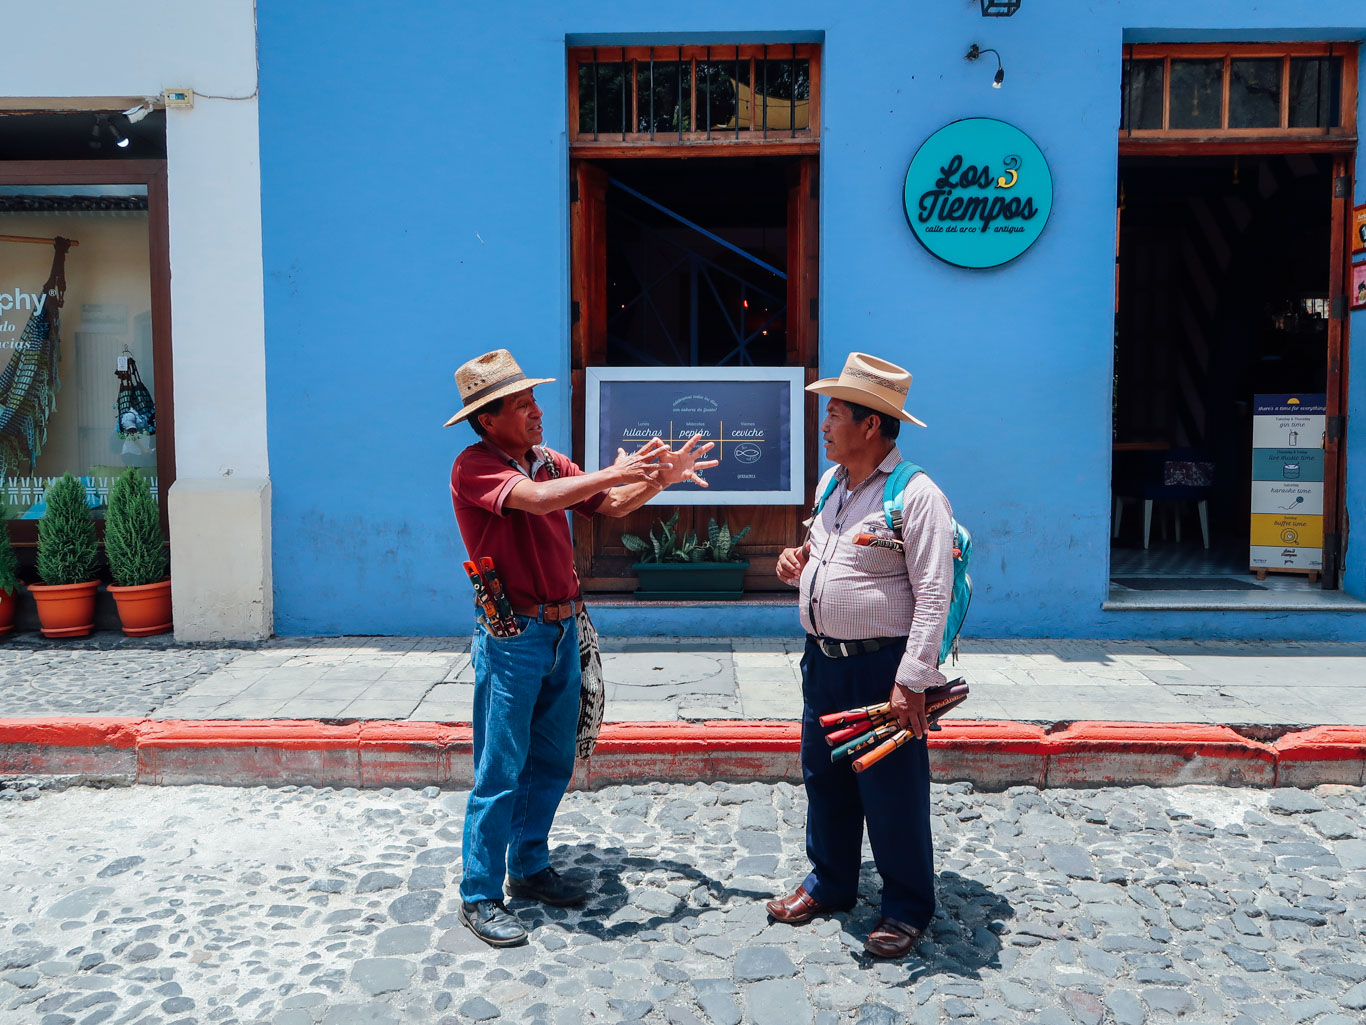 guatemala-happytobehere-miprendoemiportovia